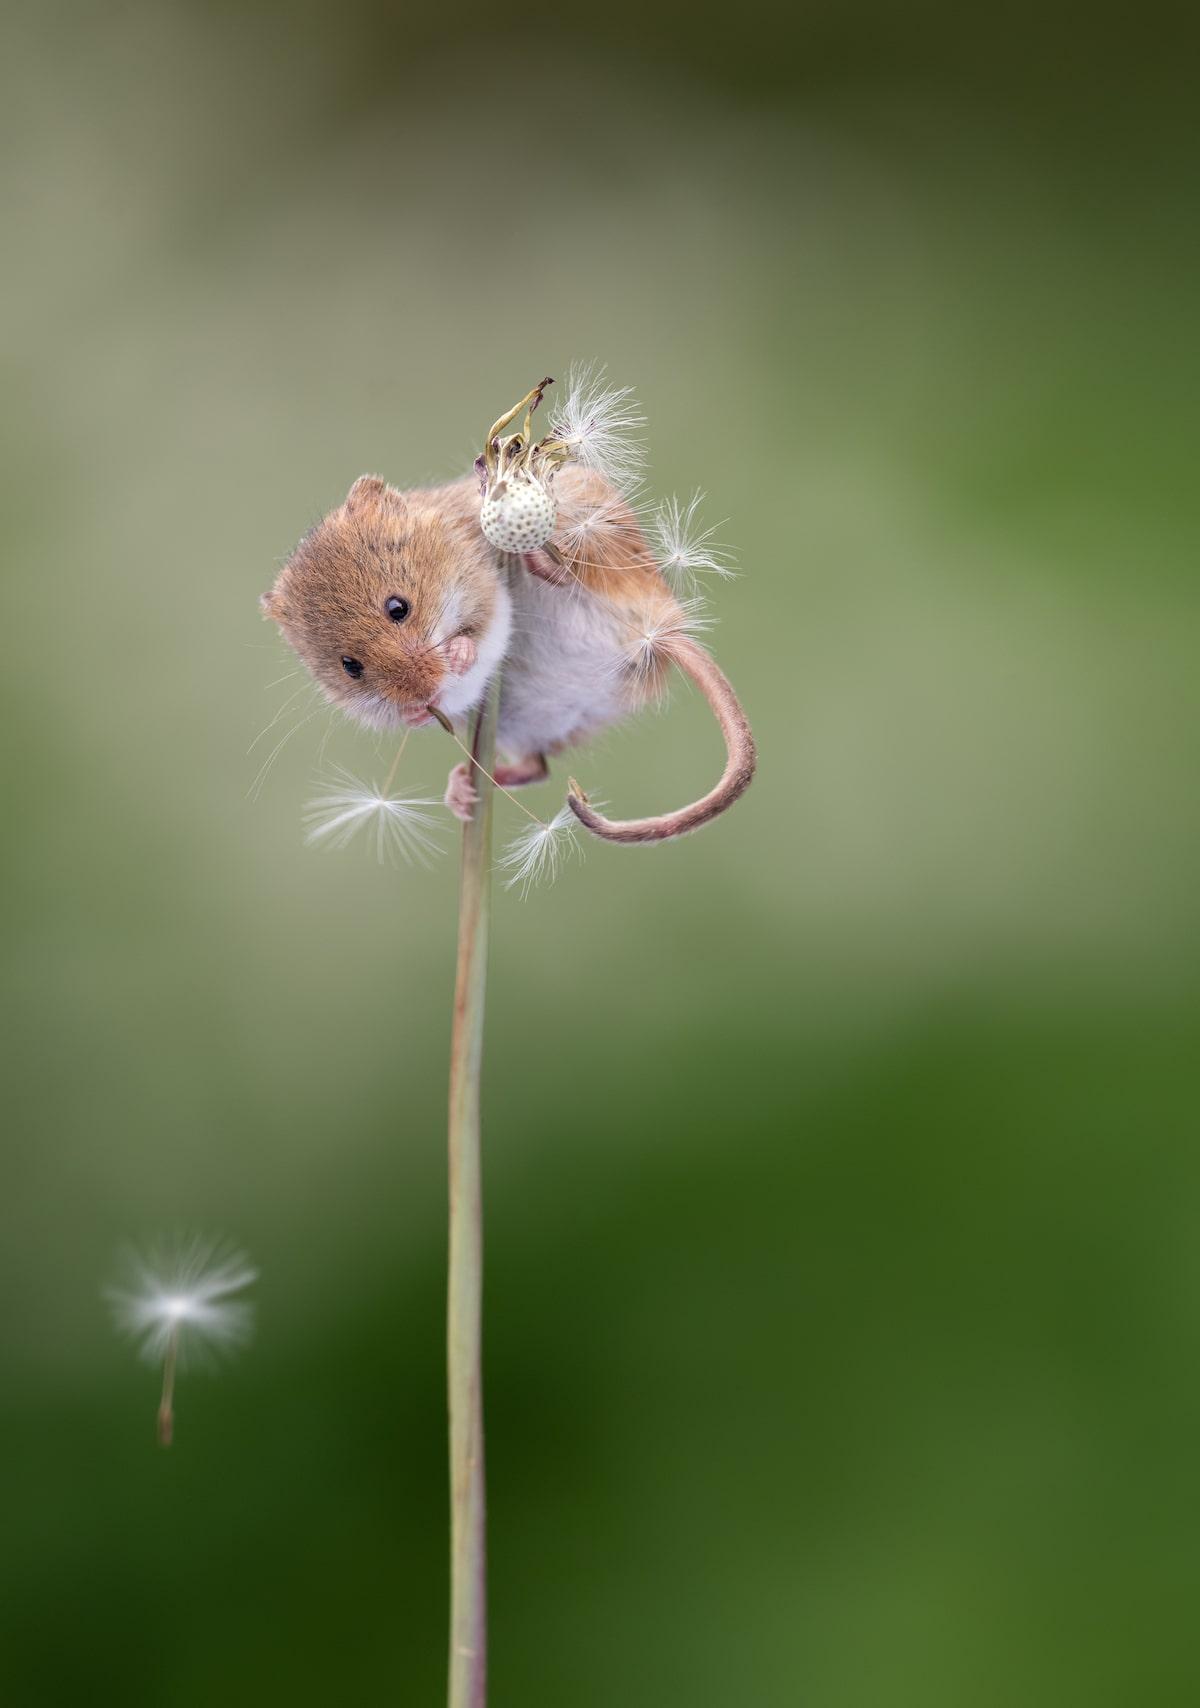 Fotos de ratones espigueros por Dean Mason